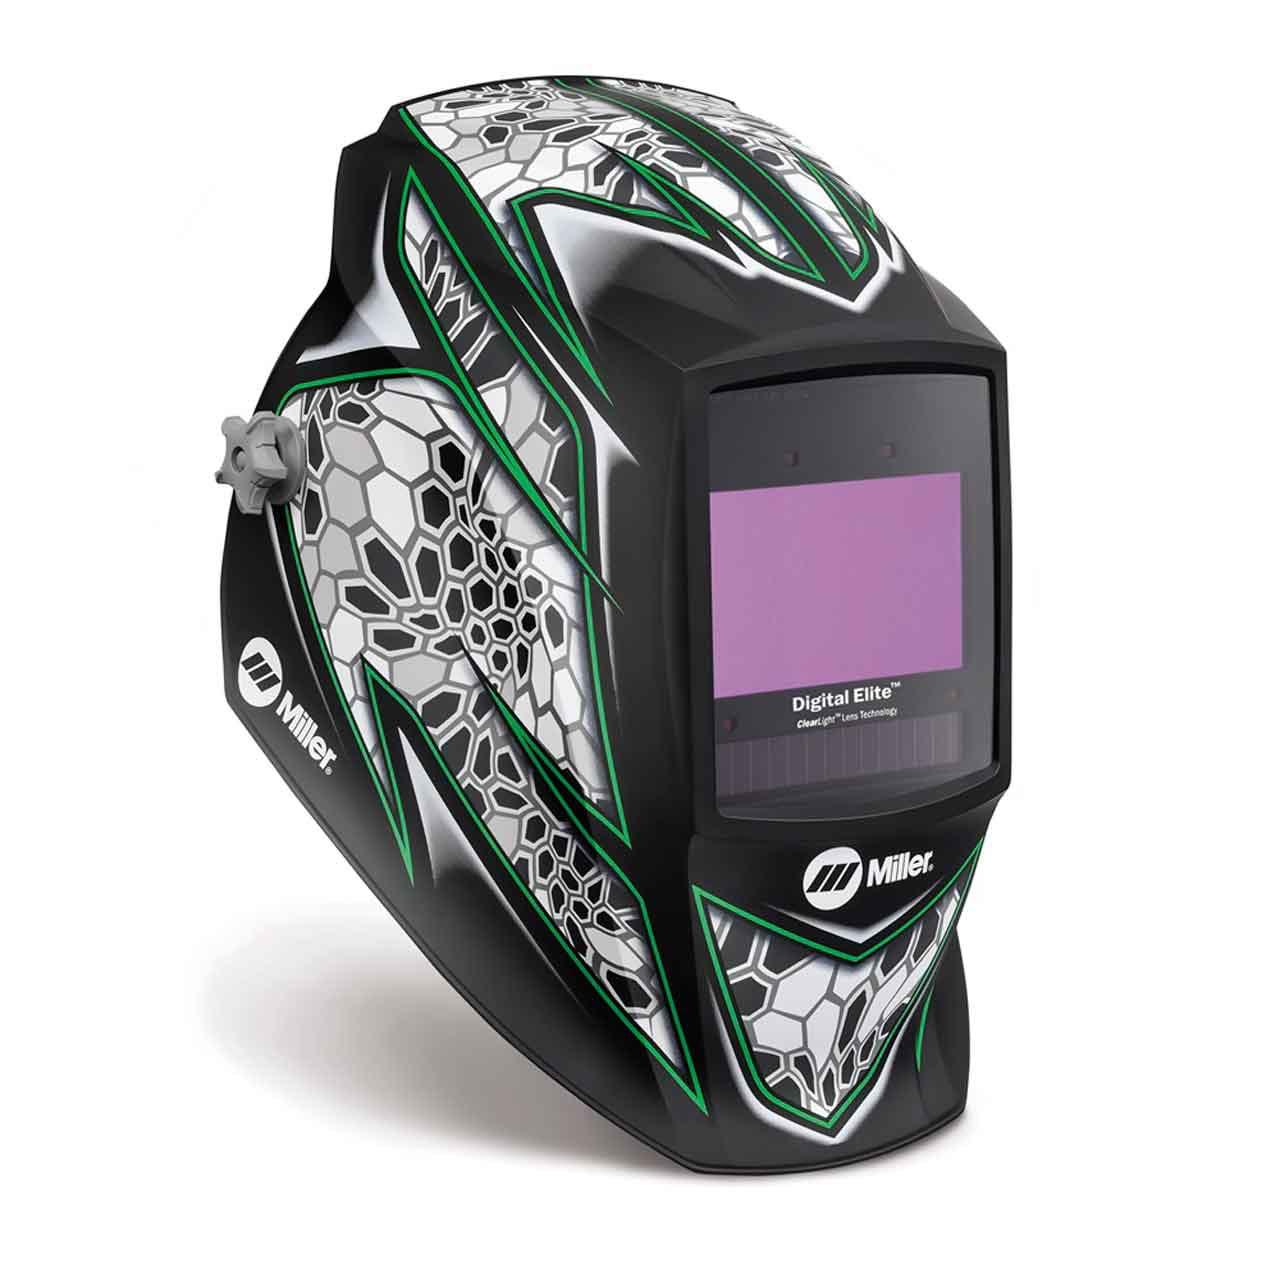 Miller 281007 Digital Elite Welding Helmet with ClearLight Lens, Raptor